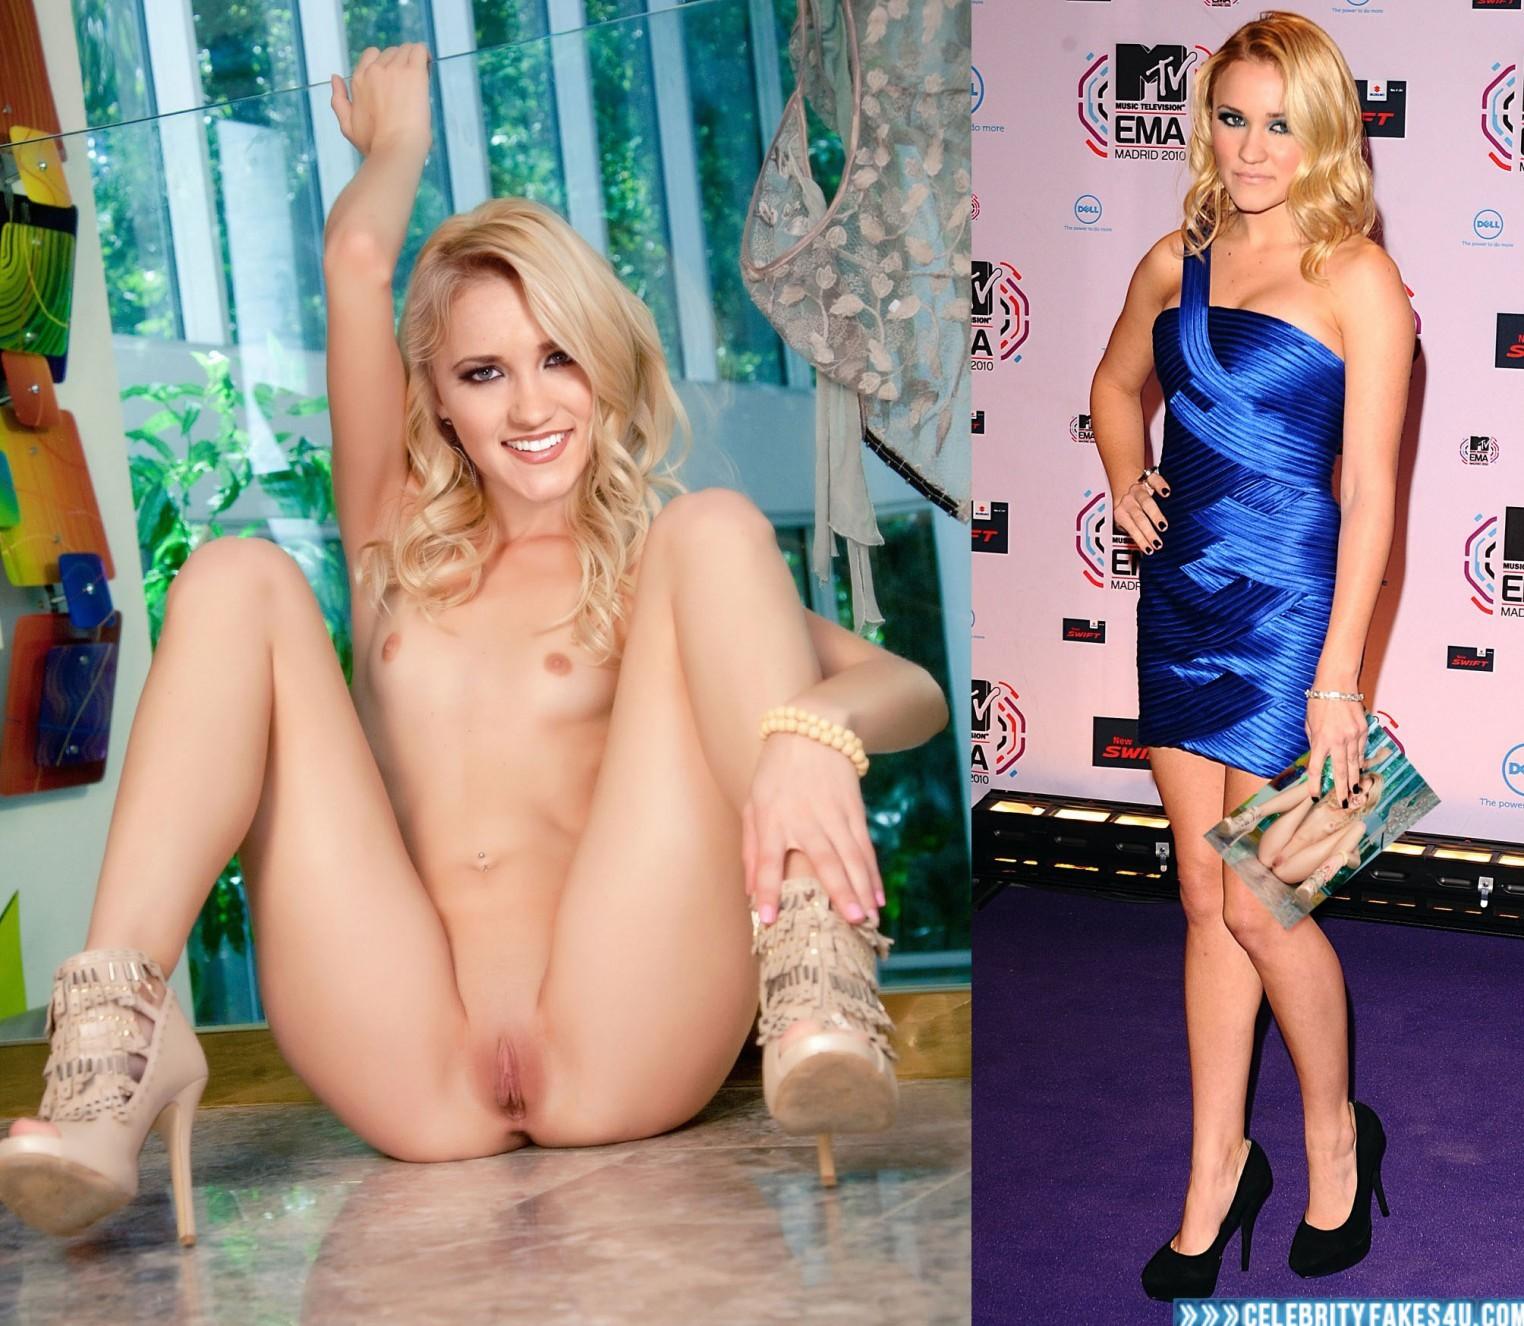 Emily osment naked legs spread #1